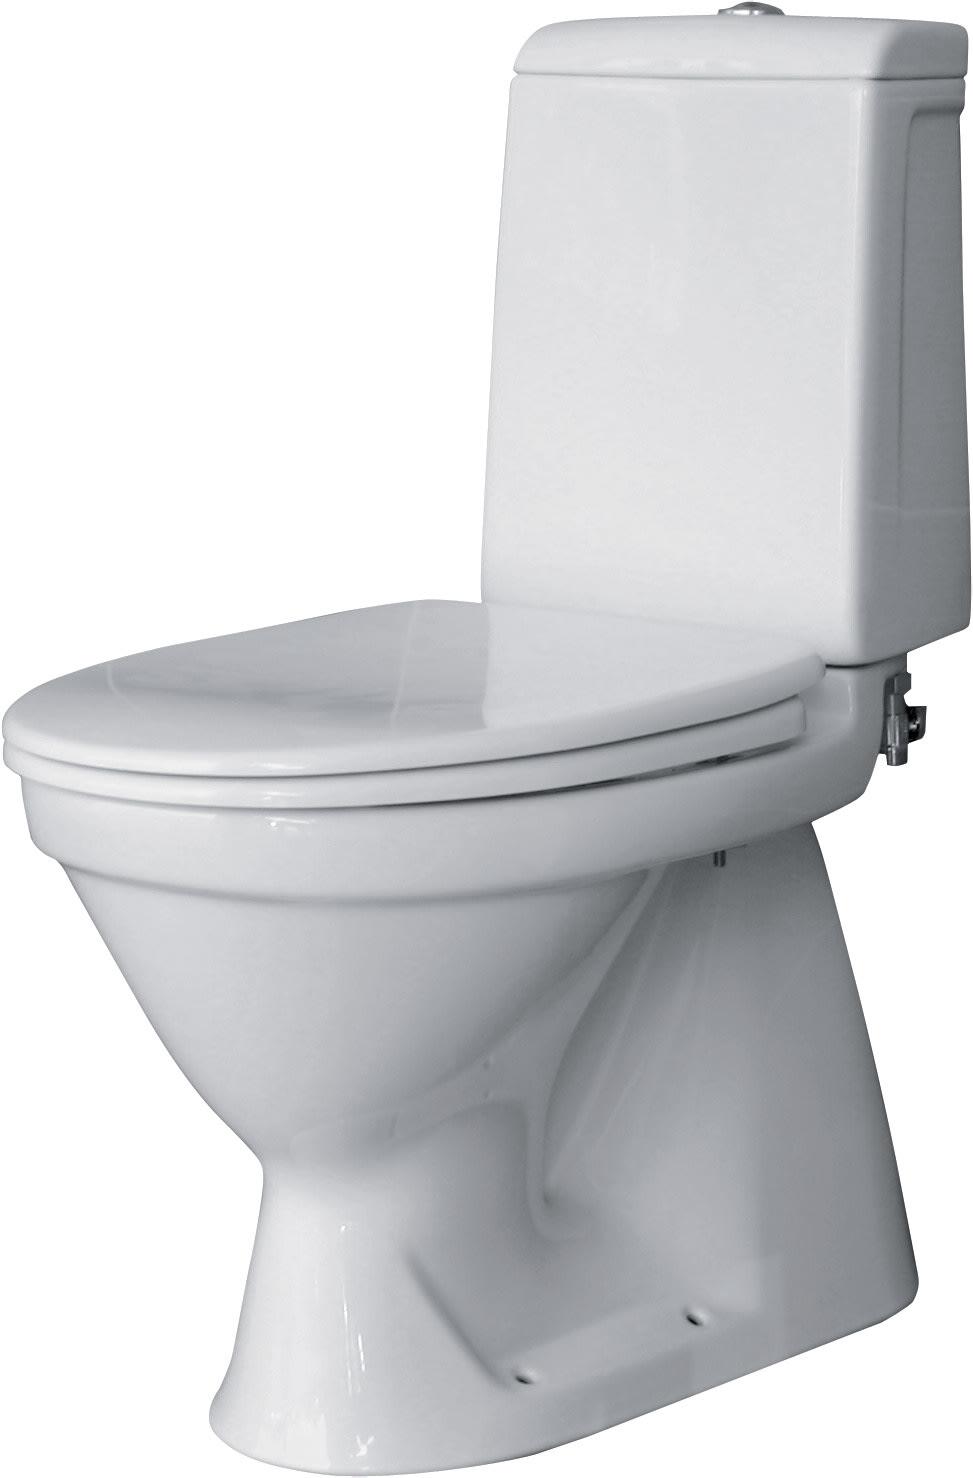 Cersanit Skand wc-istuin S-lukolla, ilman istuinkantta